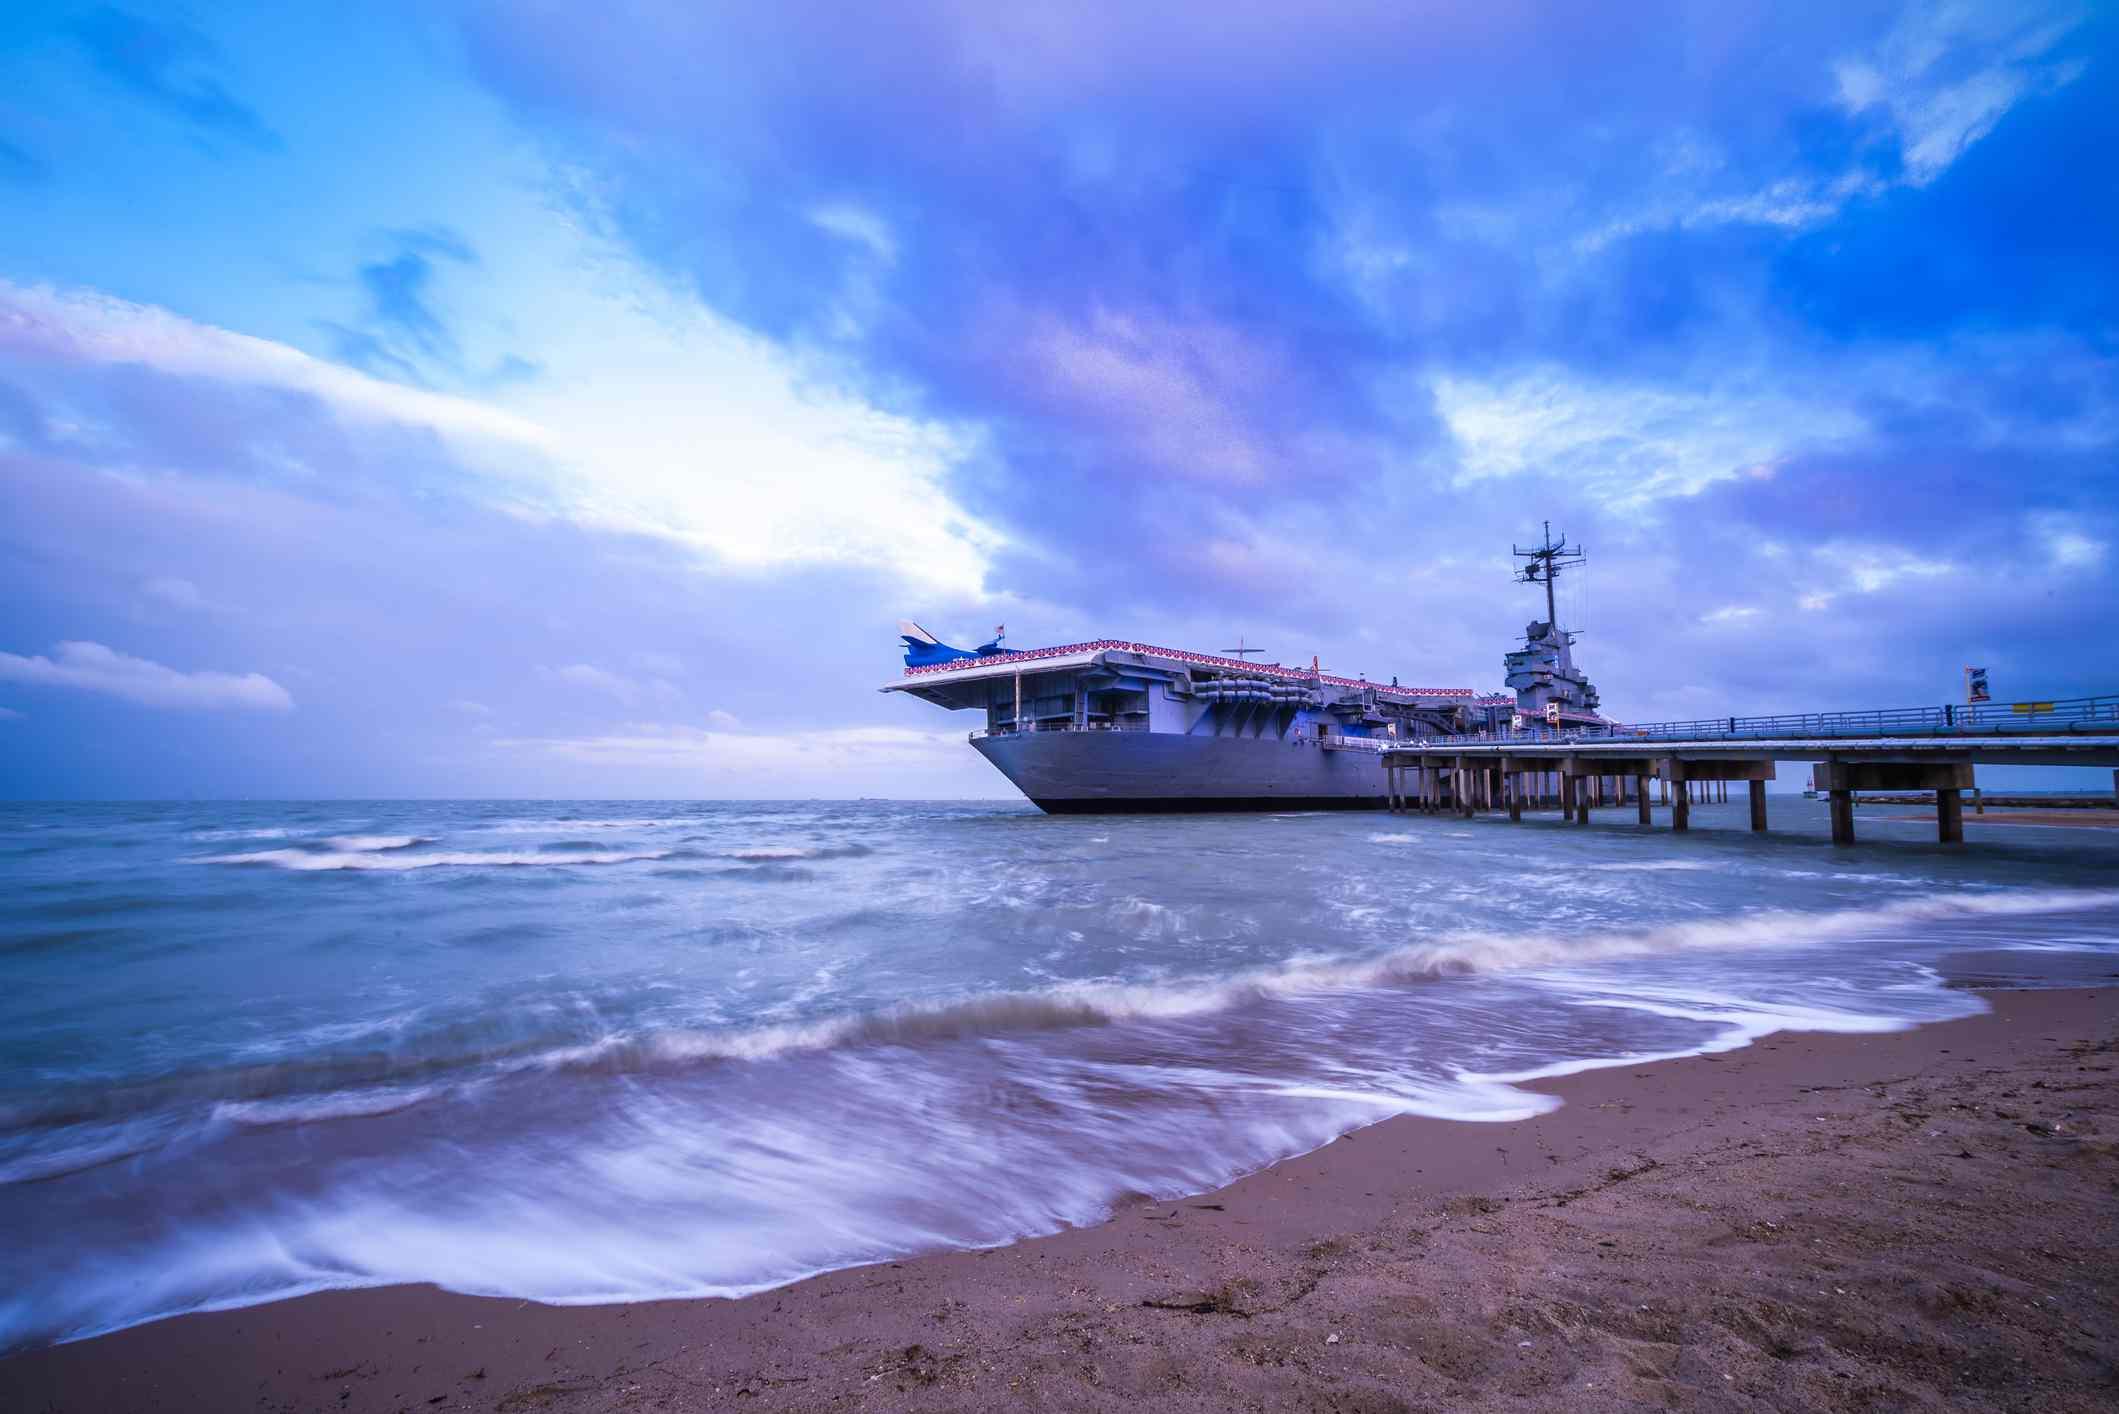 Aircraft carrier USS Lexington docked in Corpus Christi